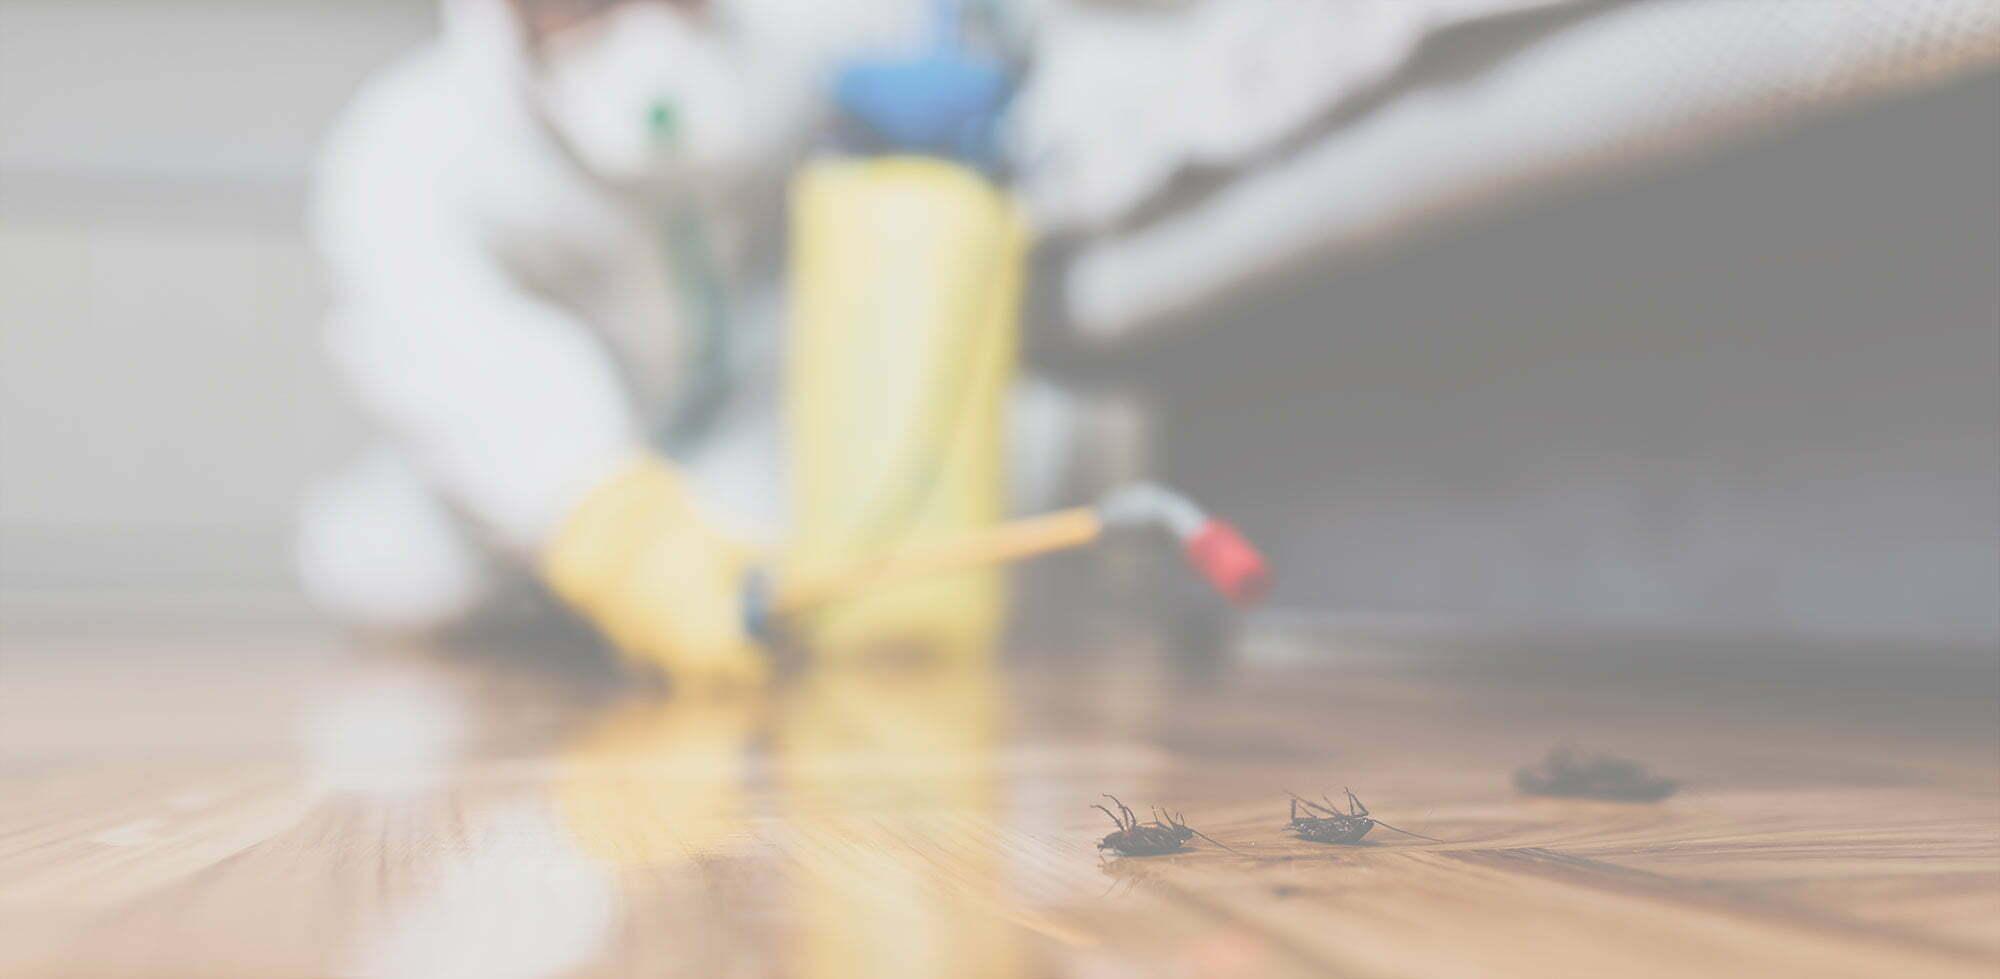 Απεντόμωση εντόμων και κατσαρίδων σε σπίτι